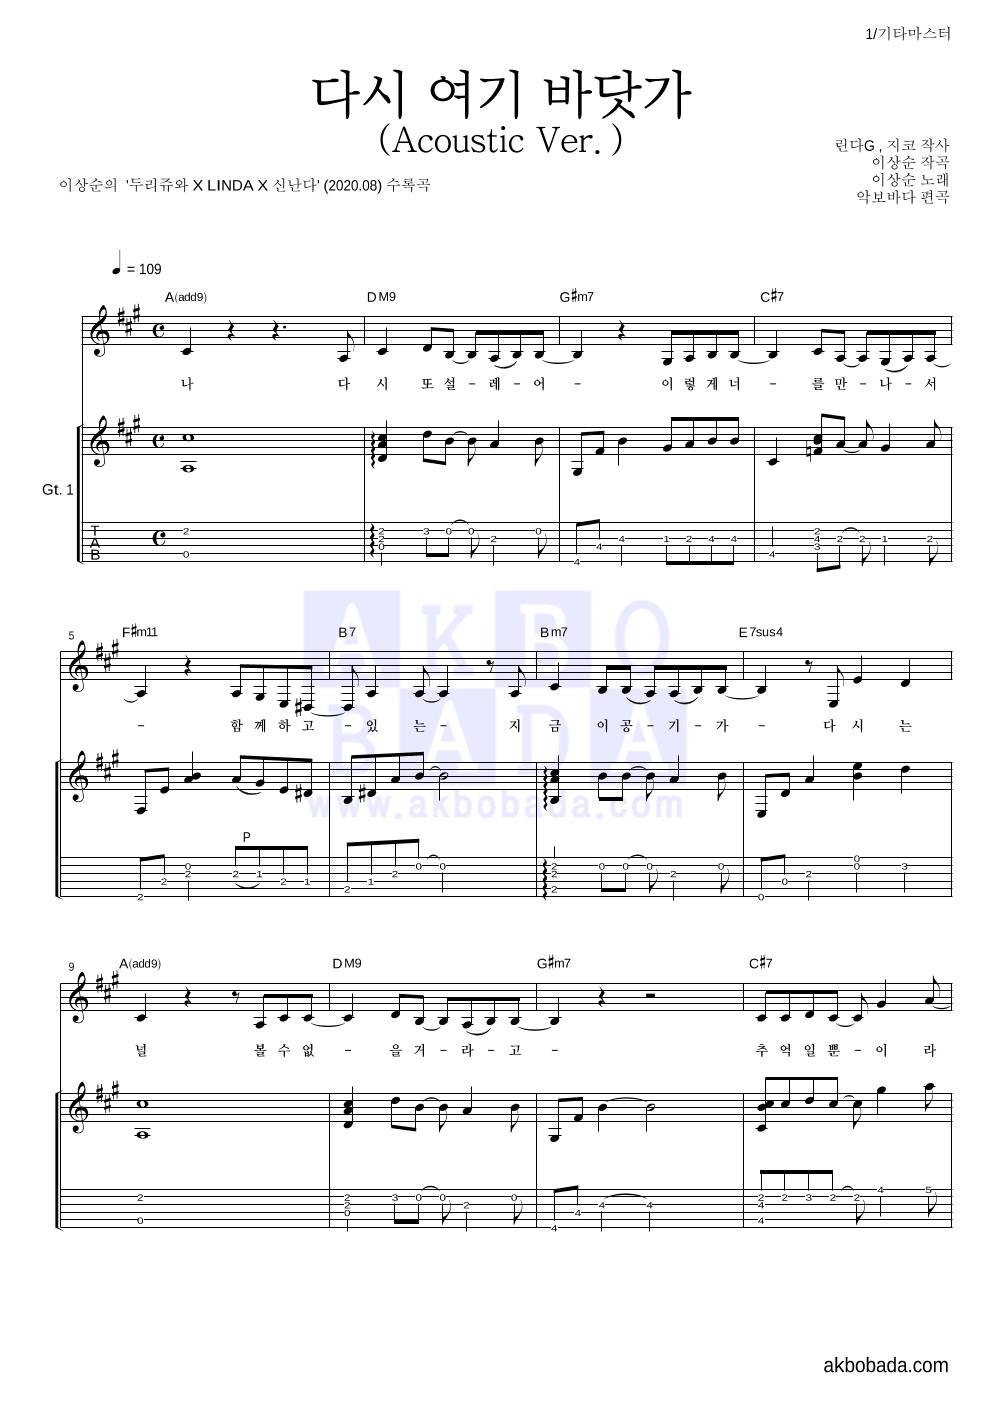 이상순 - 다시 여기 바닷가 (Acoustic Ver.)  악보